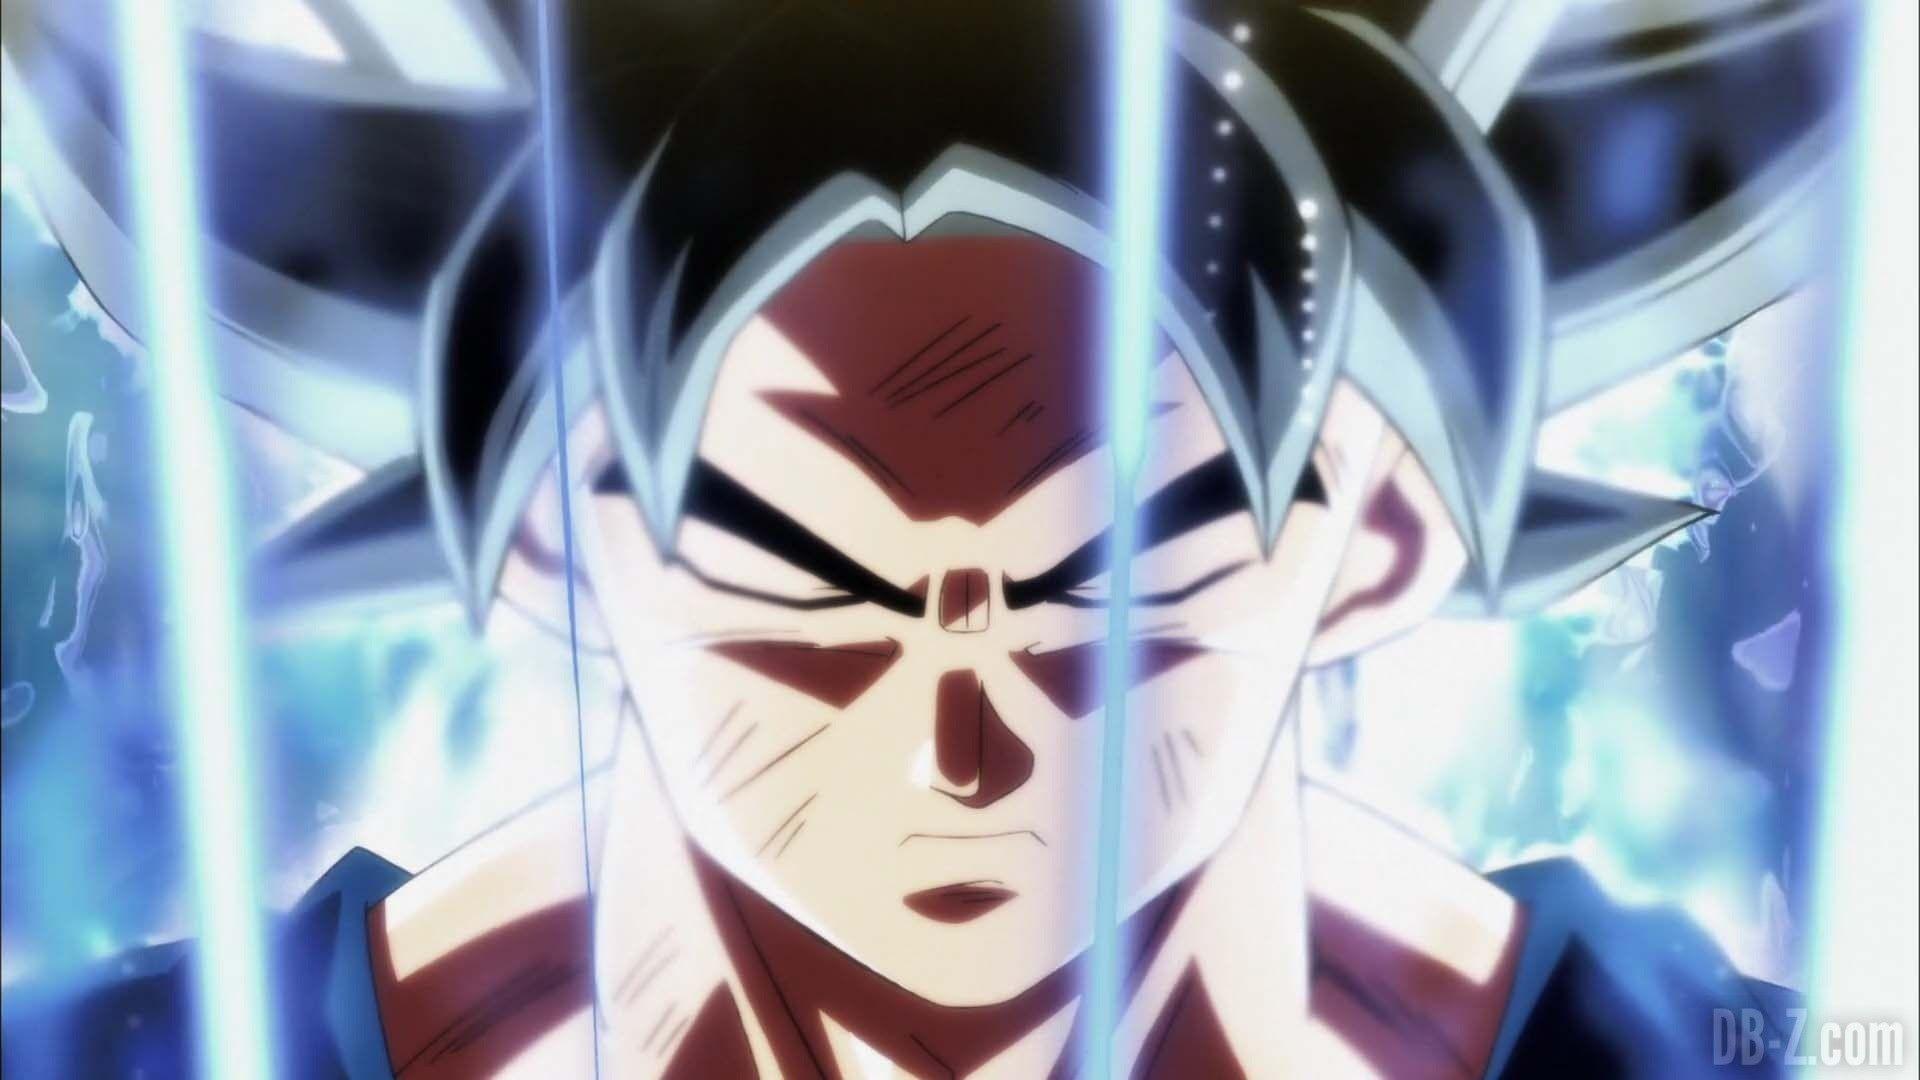 UI Goku | Dragonball Series | Dragon ball, Dragon ball z, Goku